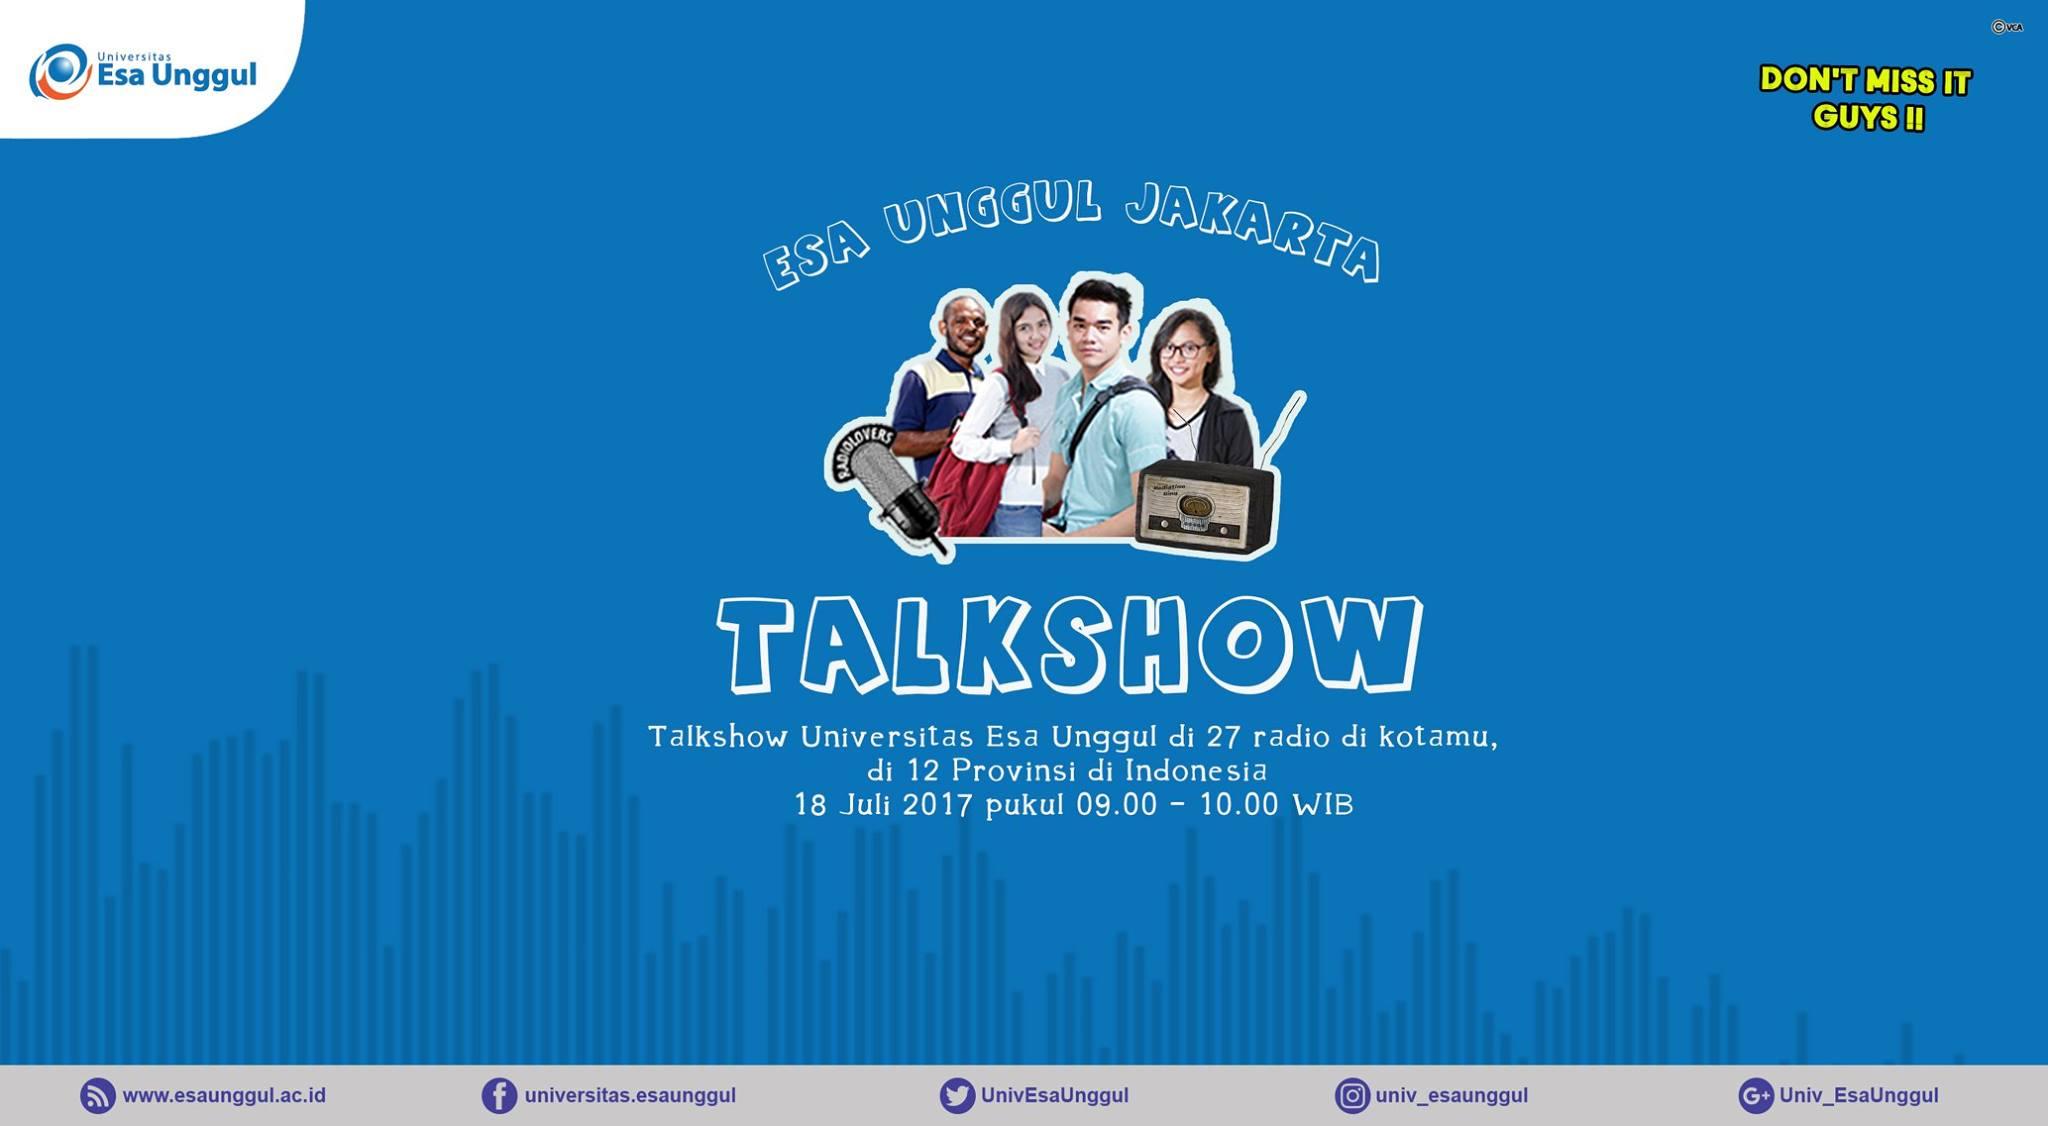 ESA UNGGUL TALKSHOW DI 12 PROVINSI DI INDONESIA